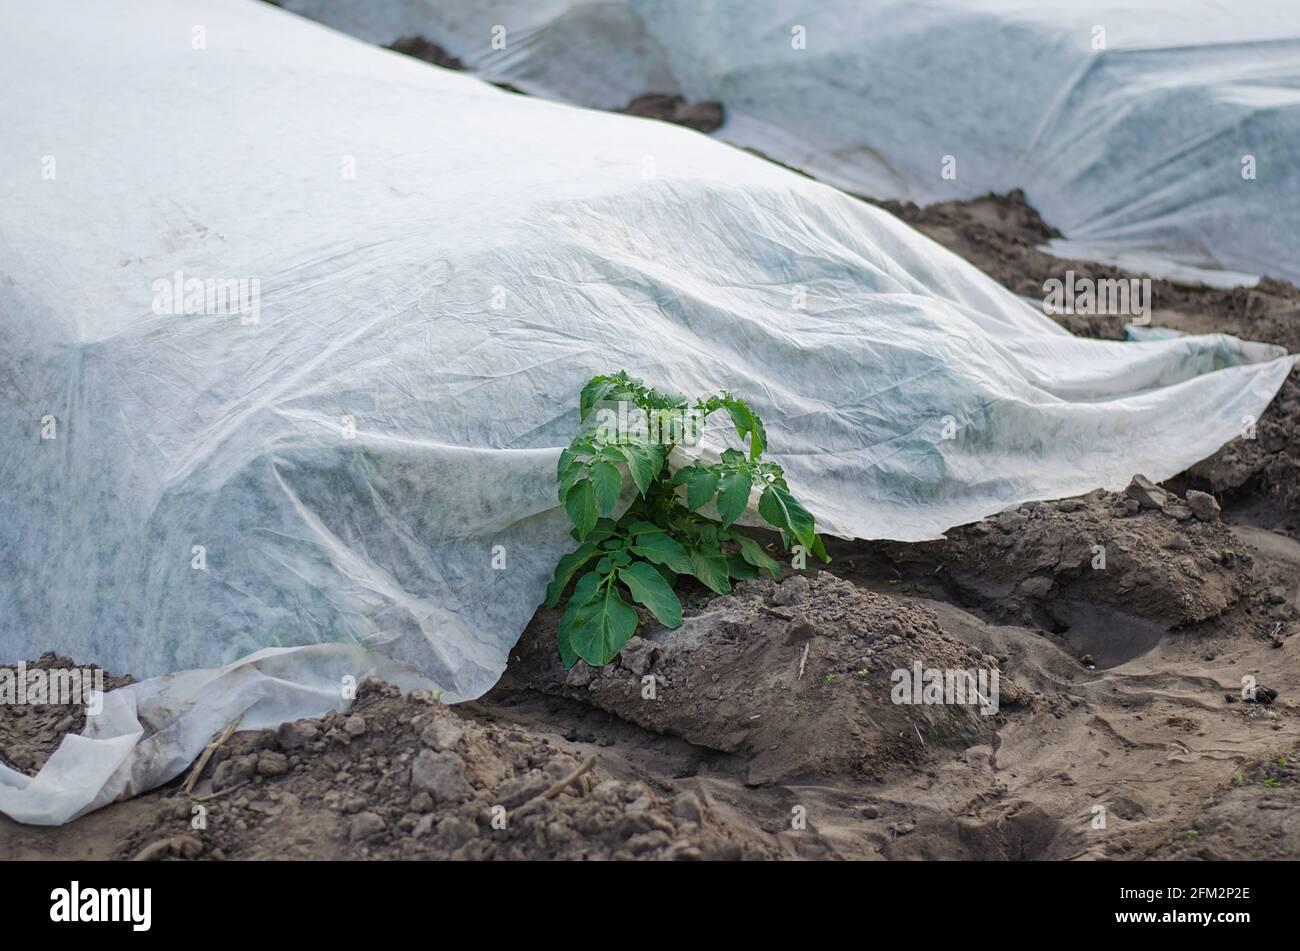 Un arbusto de patata joven está saliendo de debajo de la tela sin tejer de la agrofibra del spunbond. Tecnologías modernas en la agricultura. Patatas anteriores, cuidado Foto de stock